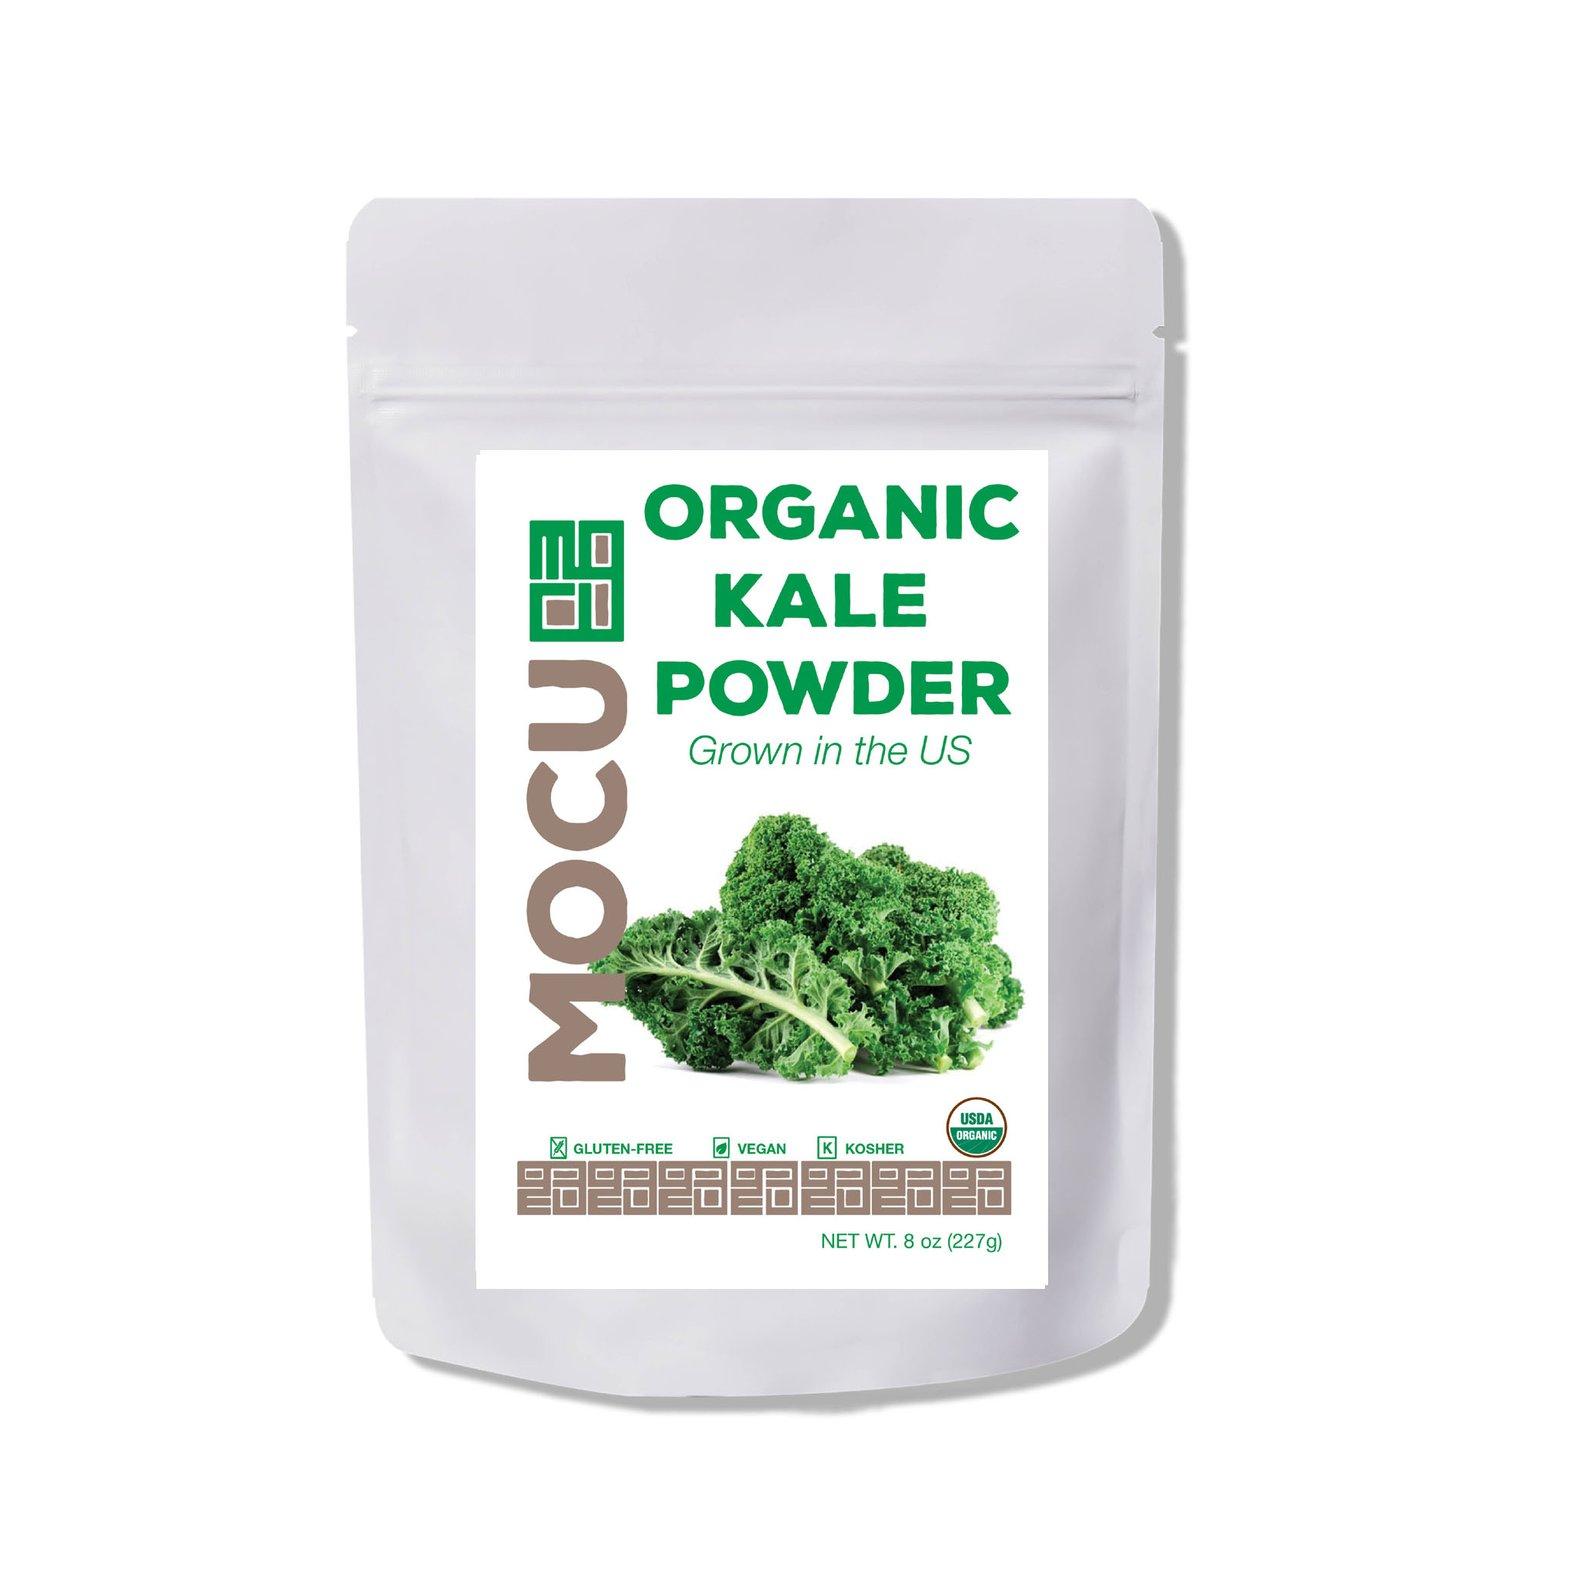 mocu-organic-kale-powder-front.jpg